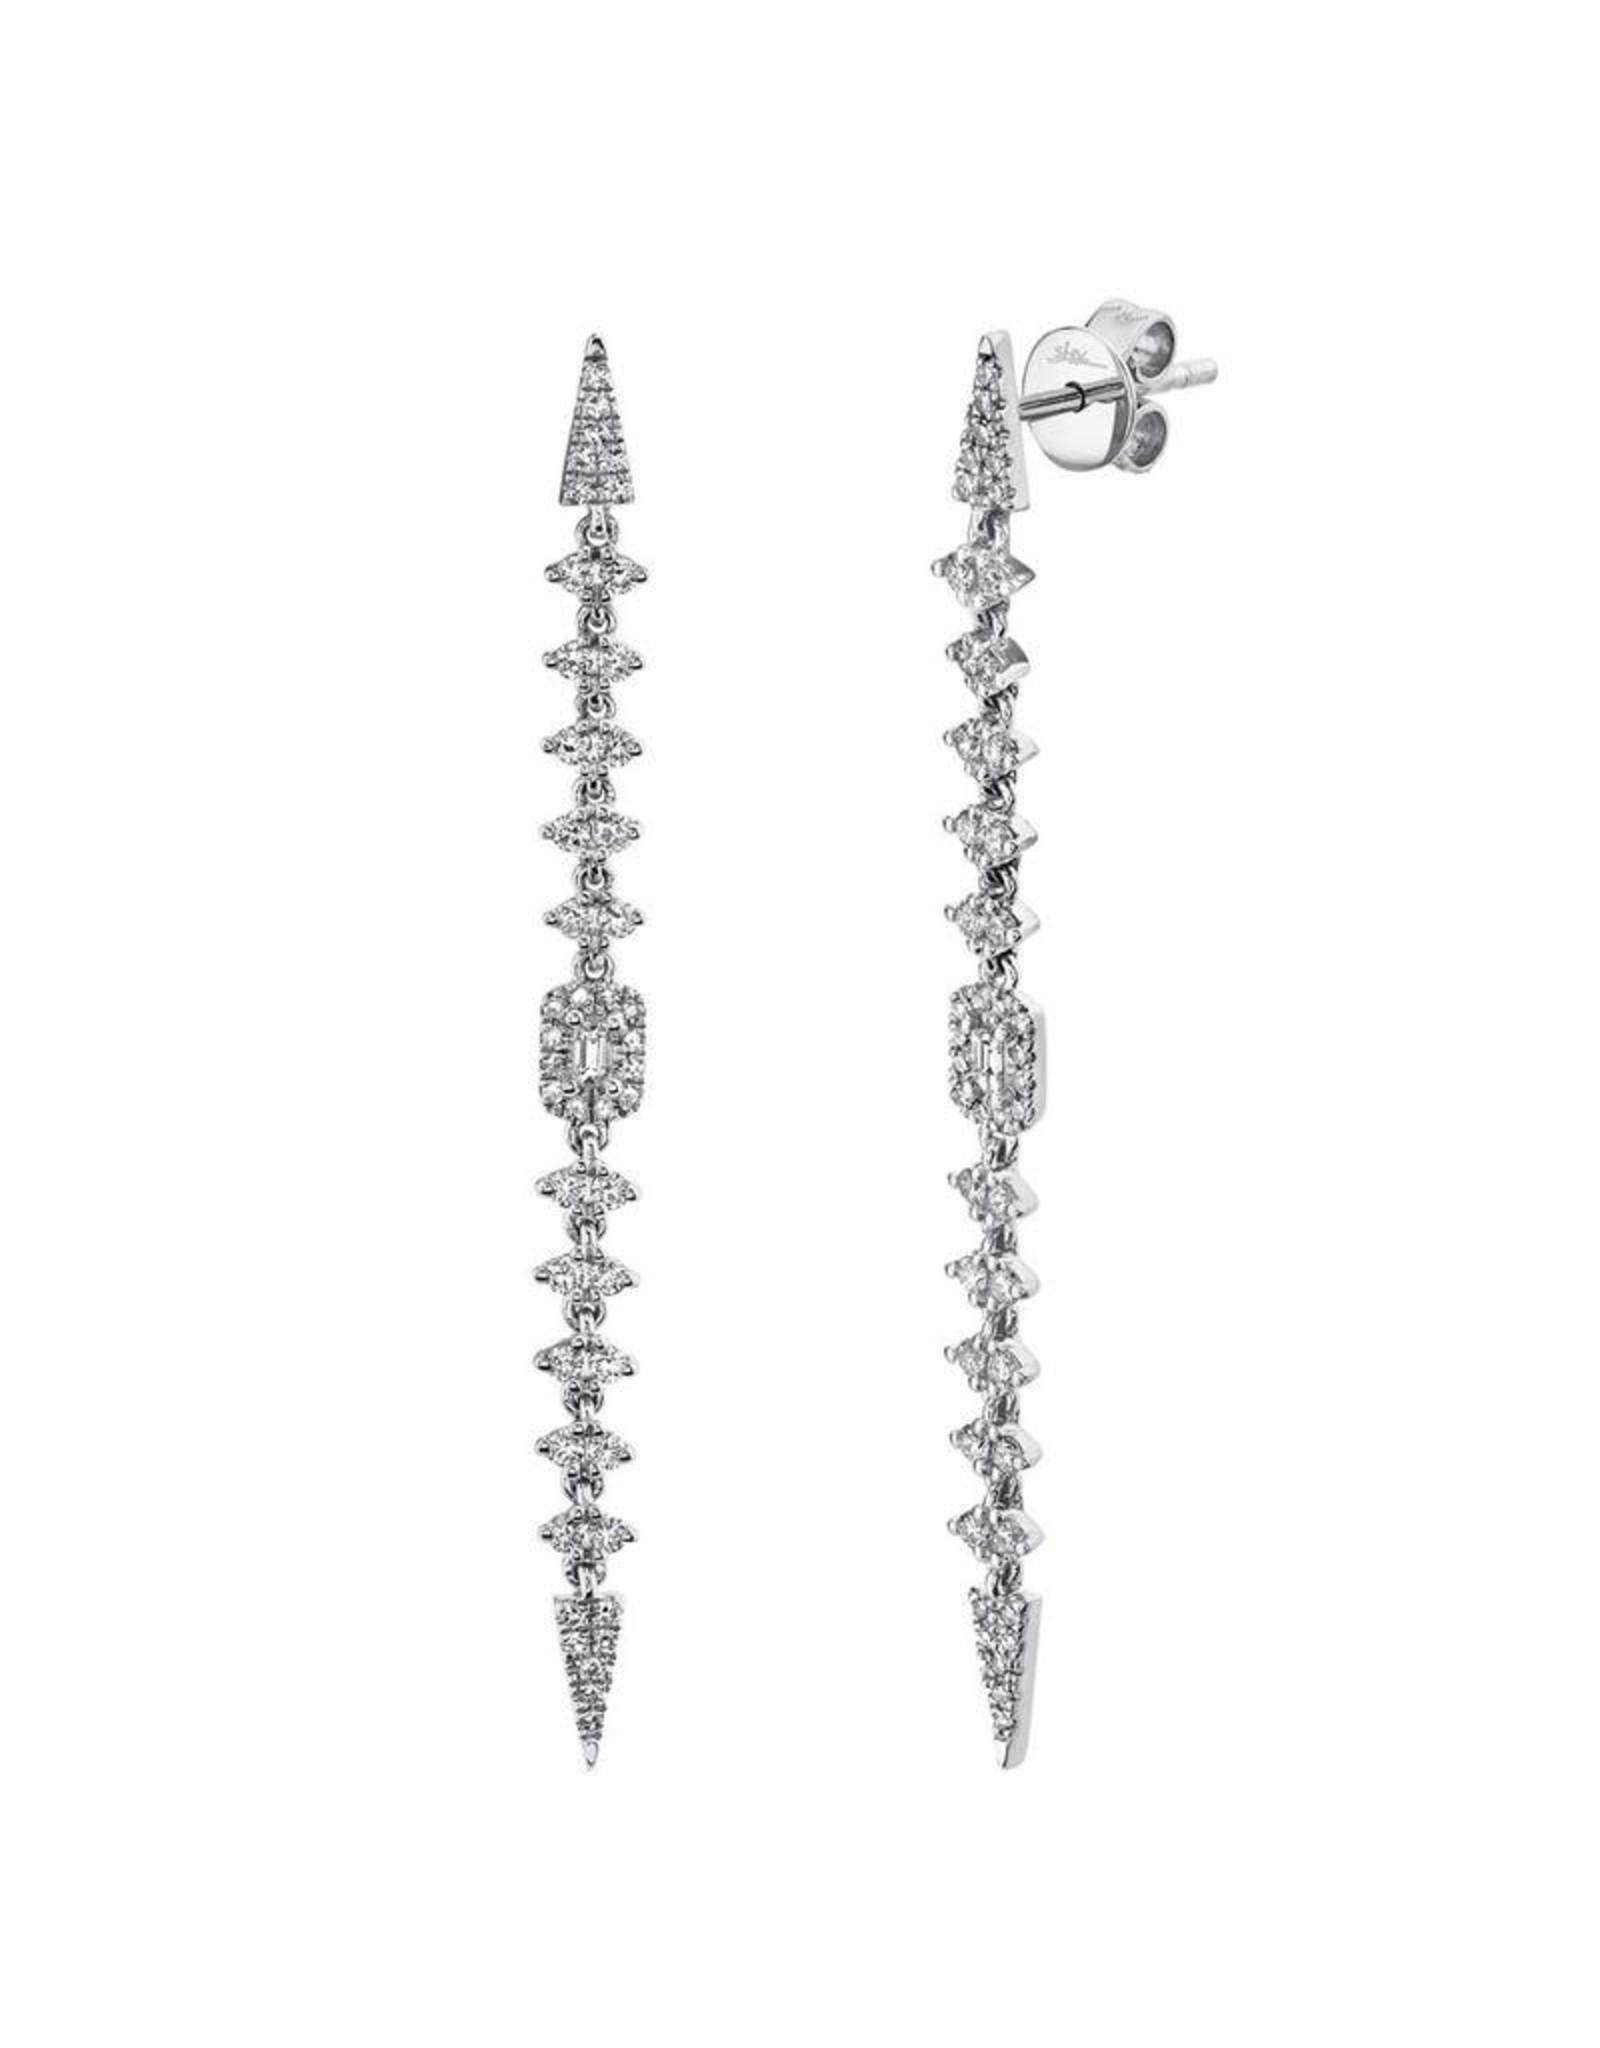 14K White Gold Diamond Baguette Spear Earrings, D: 0.68ct